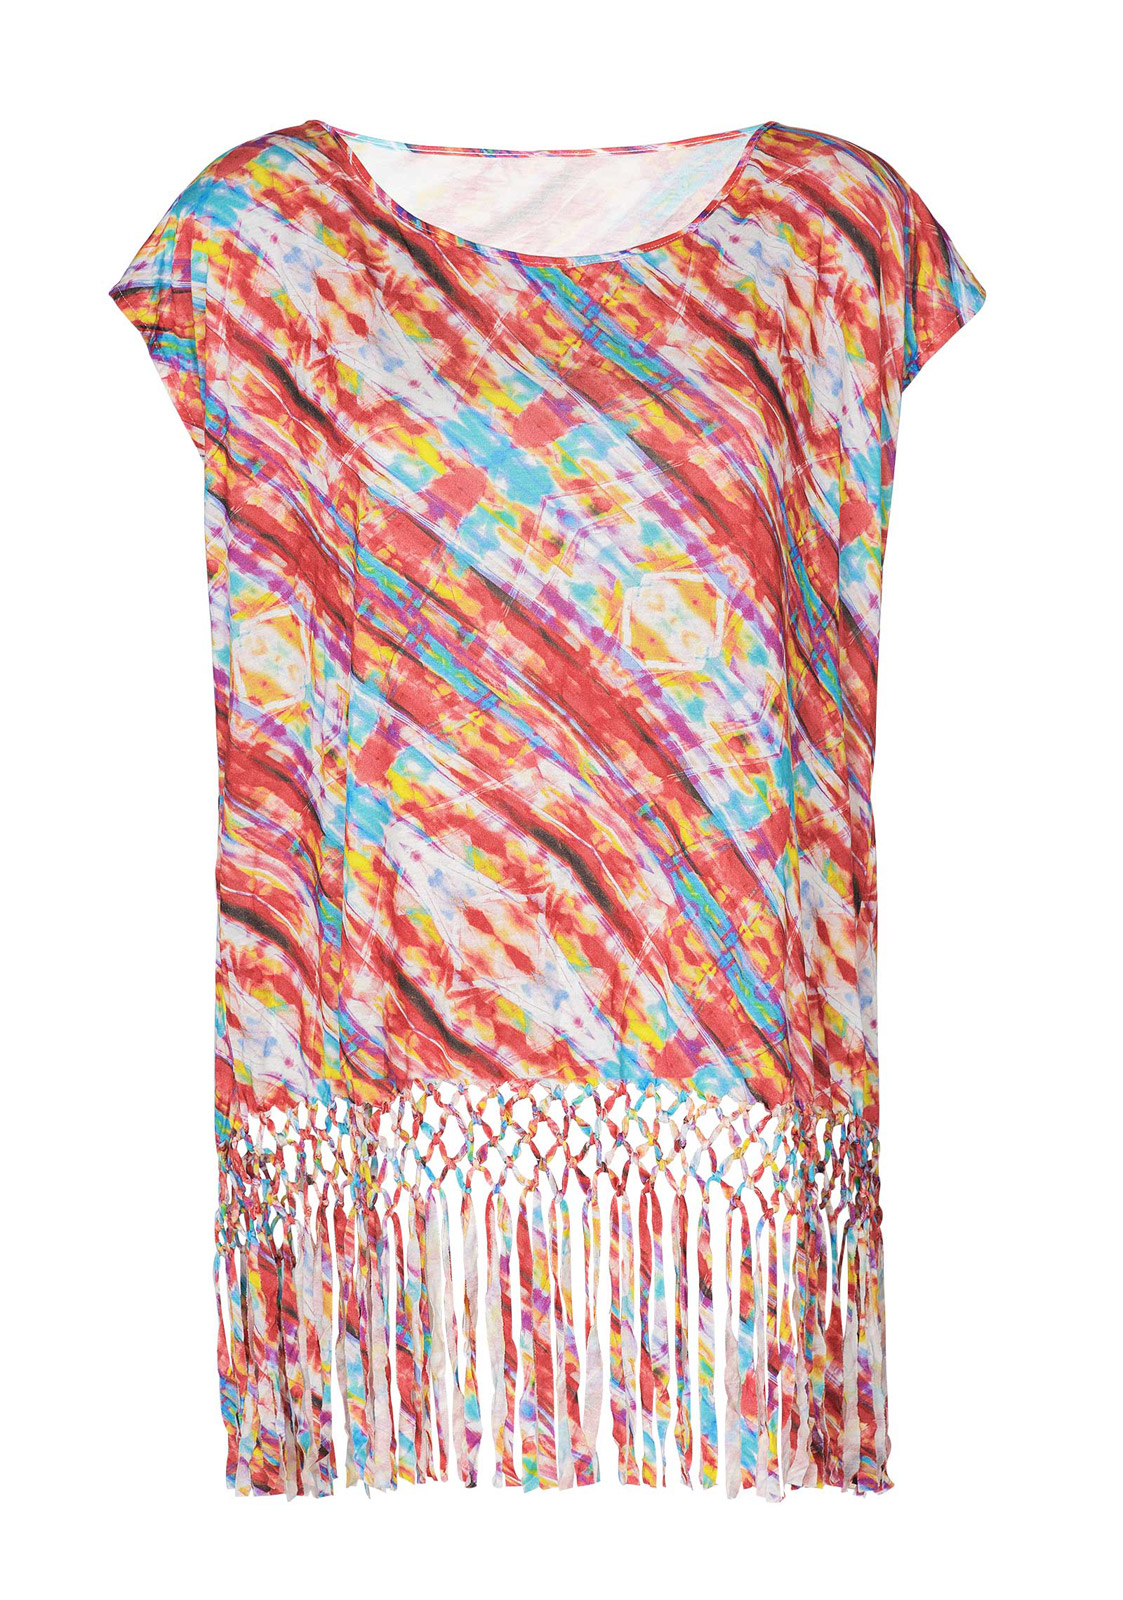 707a61af5f5 Vestido de playa con flecos de estampado multicolor - CAFTAN TIE DYE COLOR  ...